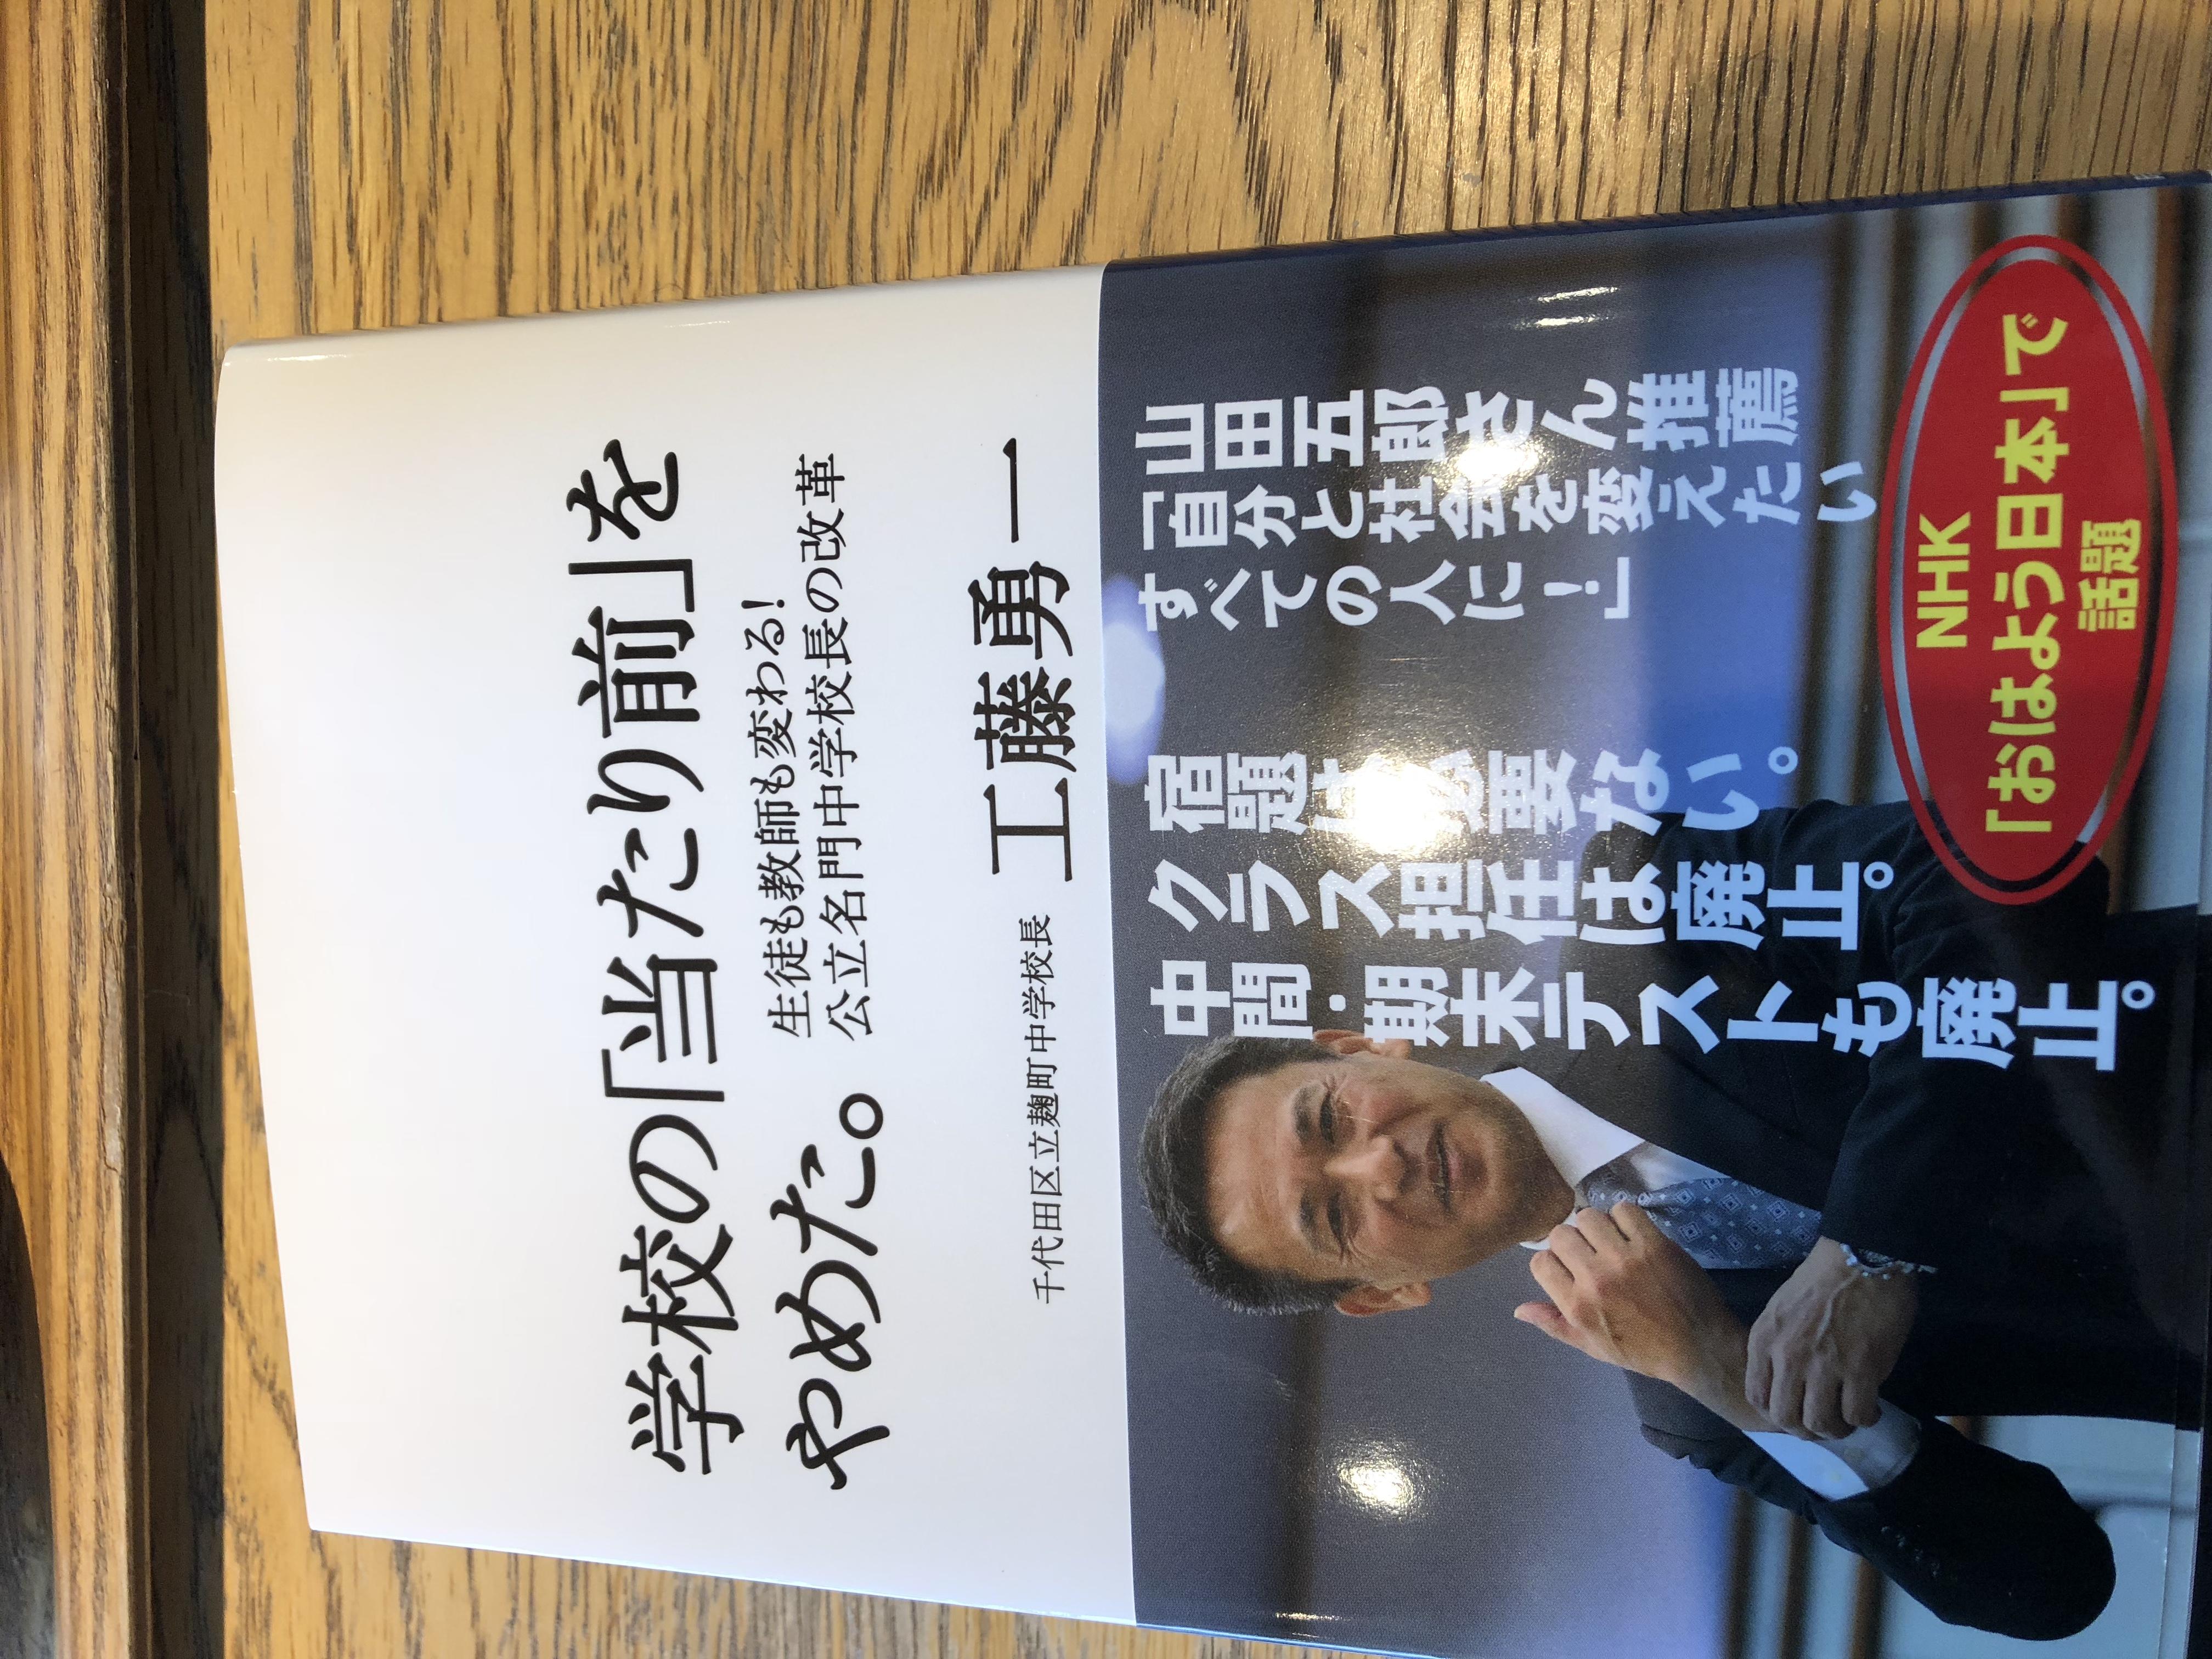 【書評】学校の「当たり前」をやめた。工藤勇一 著